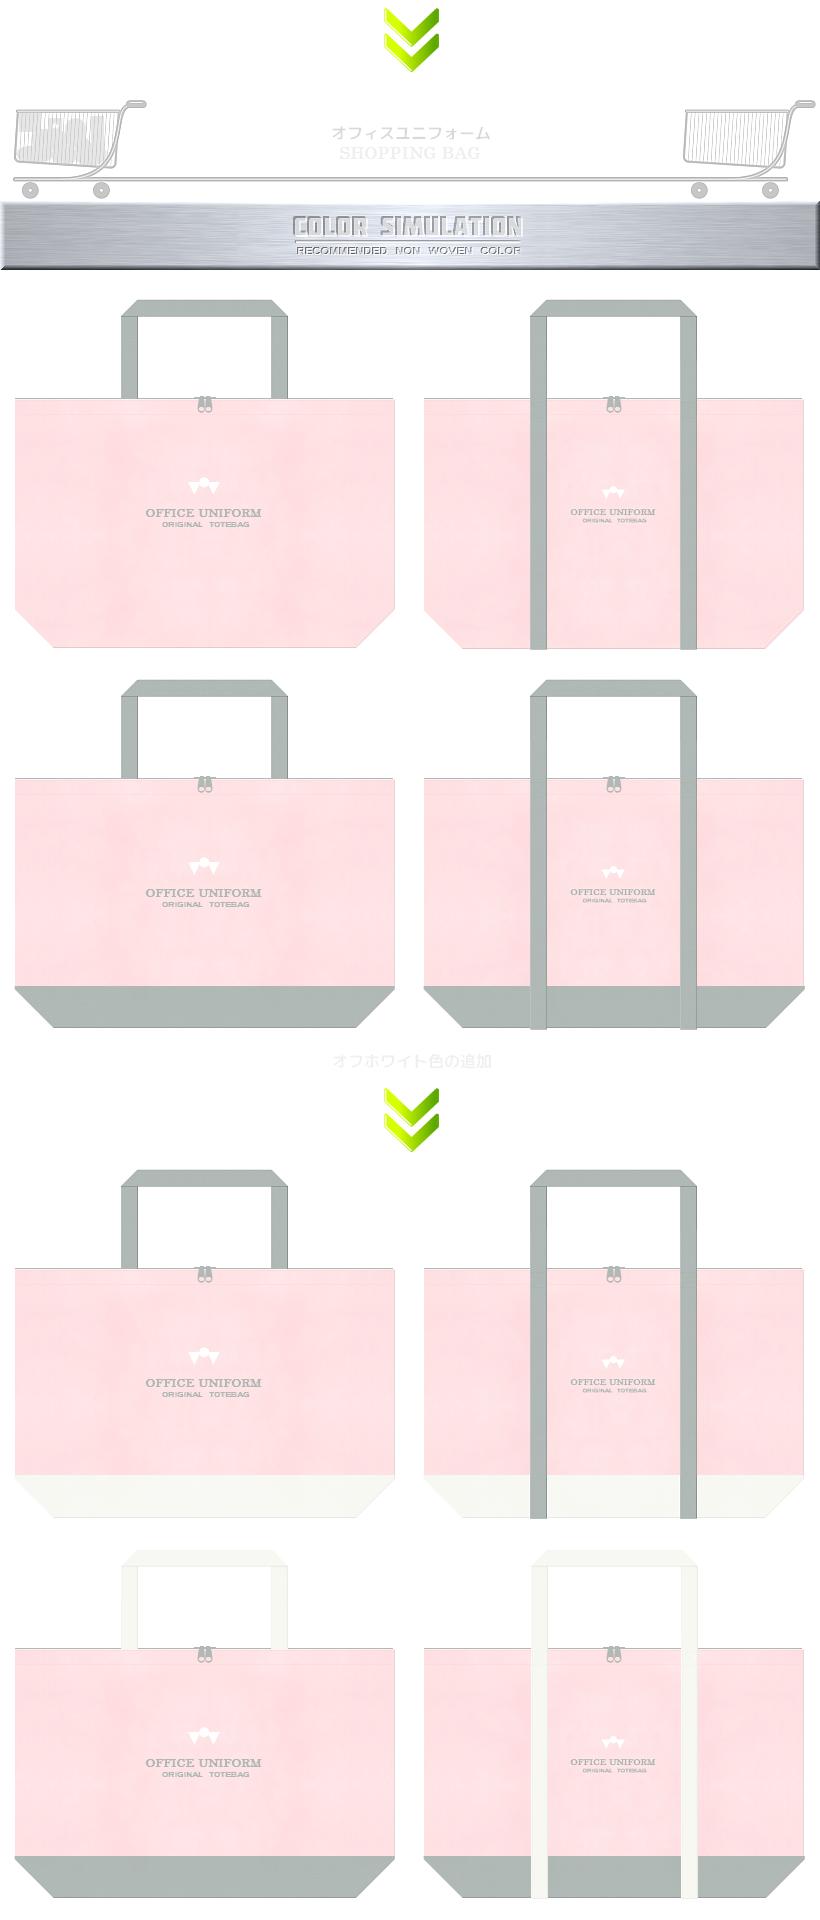 桜色とグレー色をメインに使用した不織布バッグのカラーシミュレーション(オフィス):オフィスユニフォームのショッピングバッグ